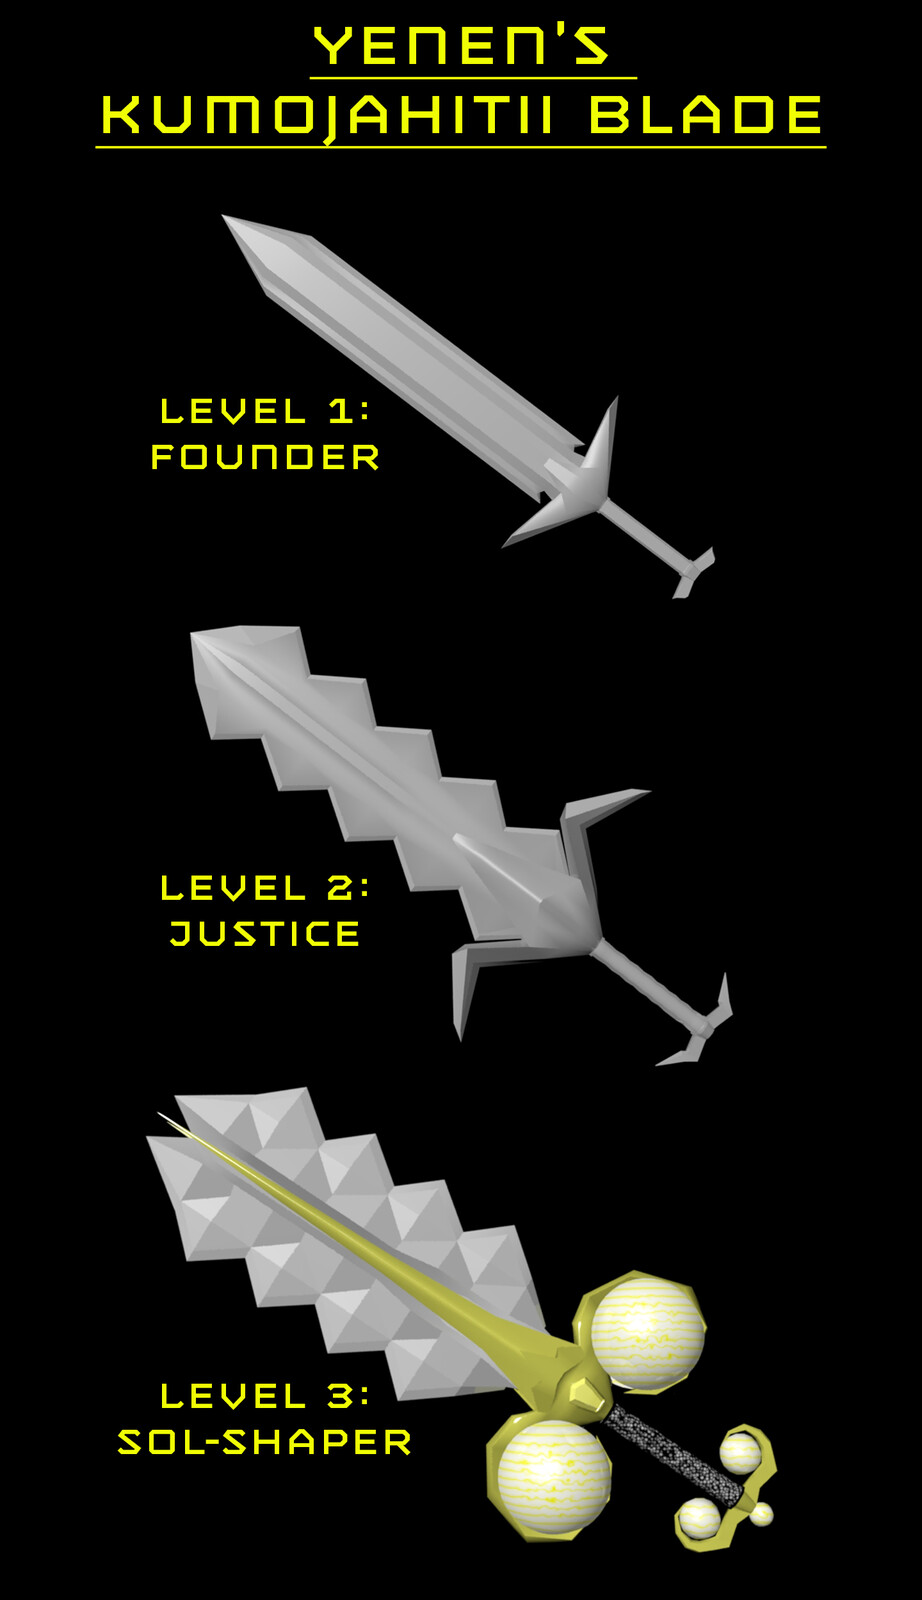 Kumojahitii Blade (Various Forms)